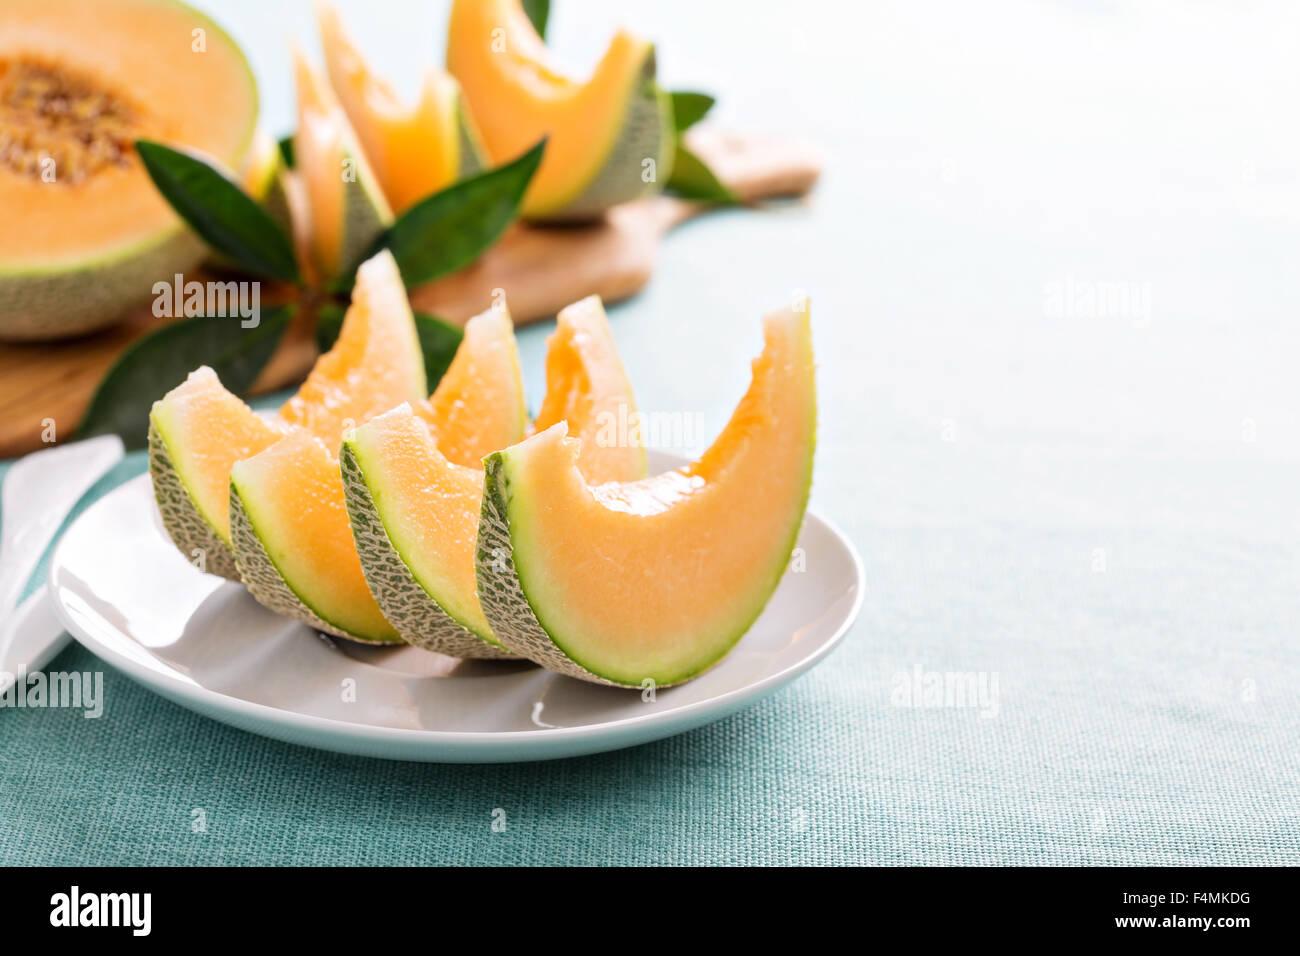 Ripe fresh cantaloupe slices on white plate - Stock Image